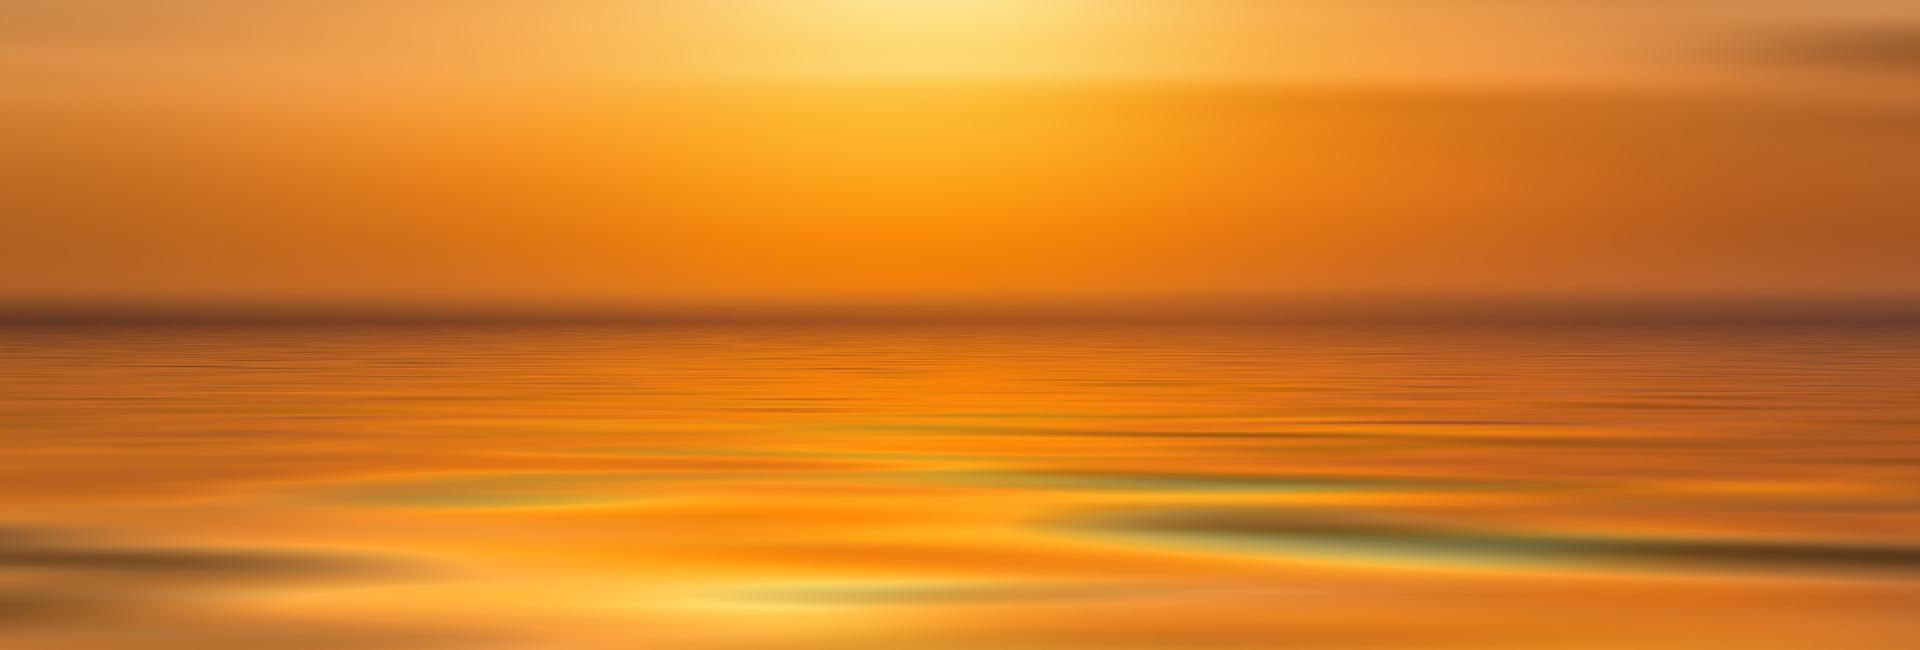 sunset-galandab.jpg